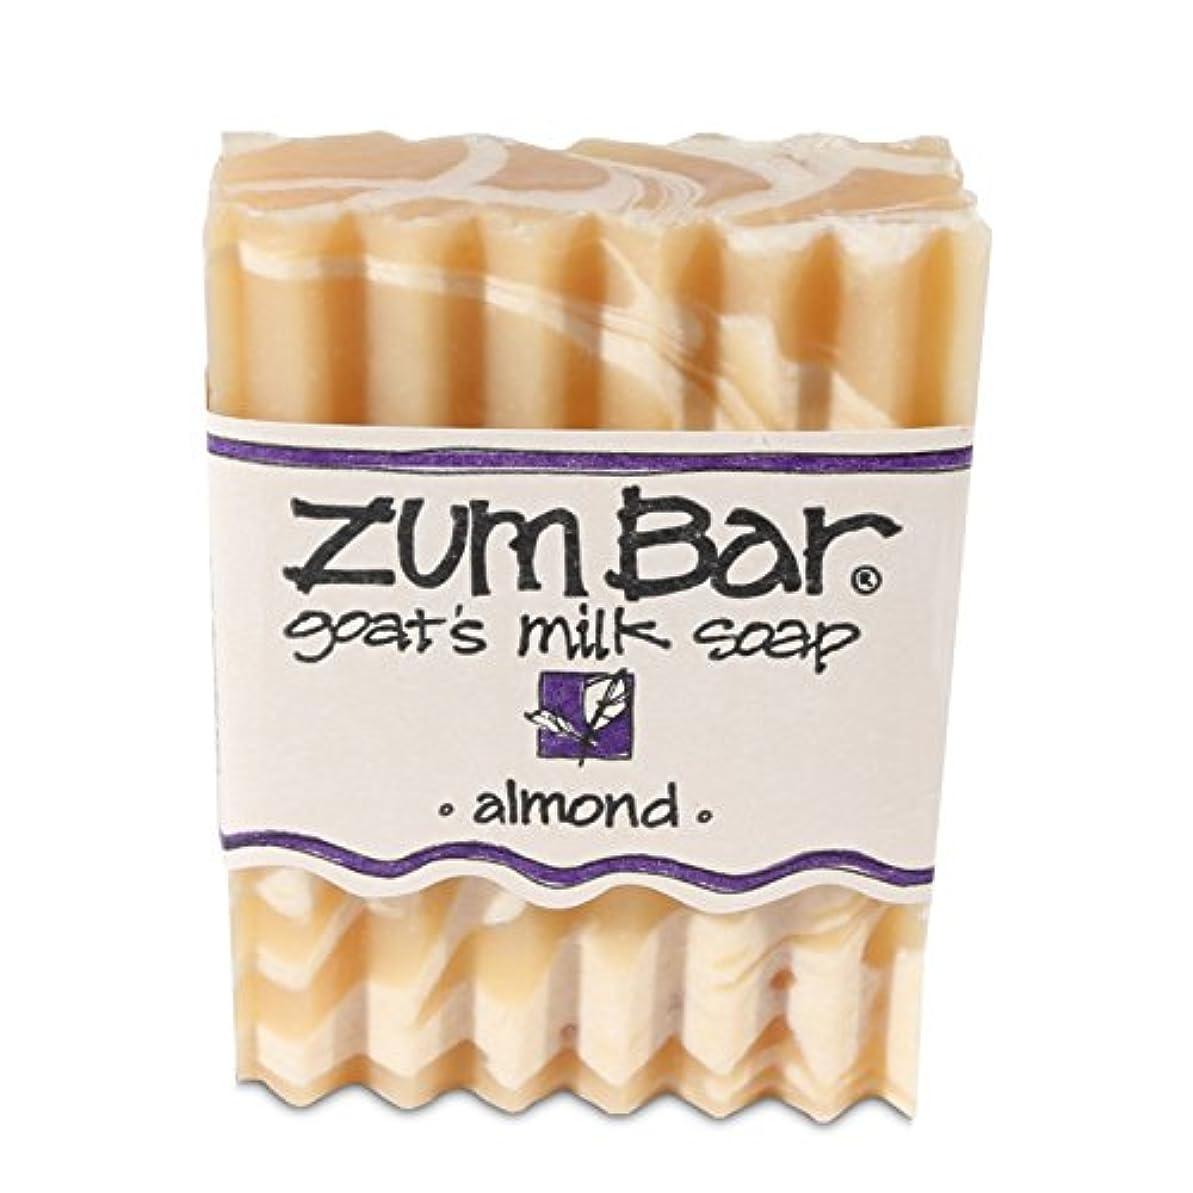 ゾーンより不機嫌海外直送品 Indigo Wild, Zum Bar, Goat's ミルク ソープ アーモンド , 3 Ounces (2個セット) (Almond) [並行輸入品]